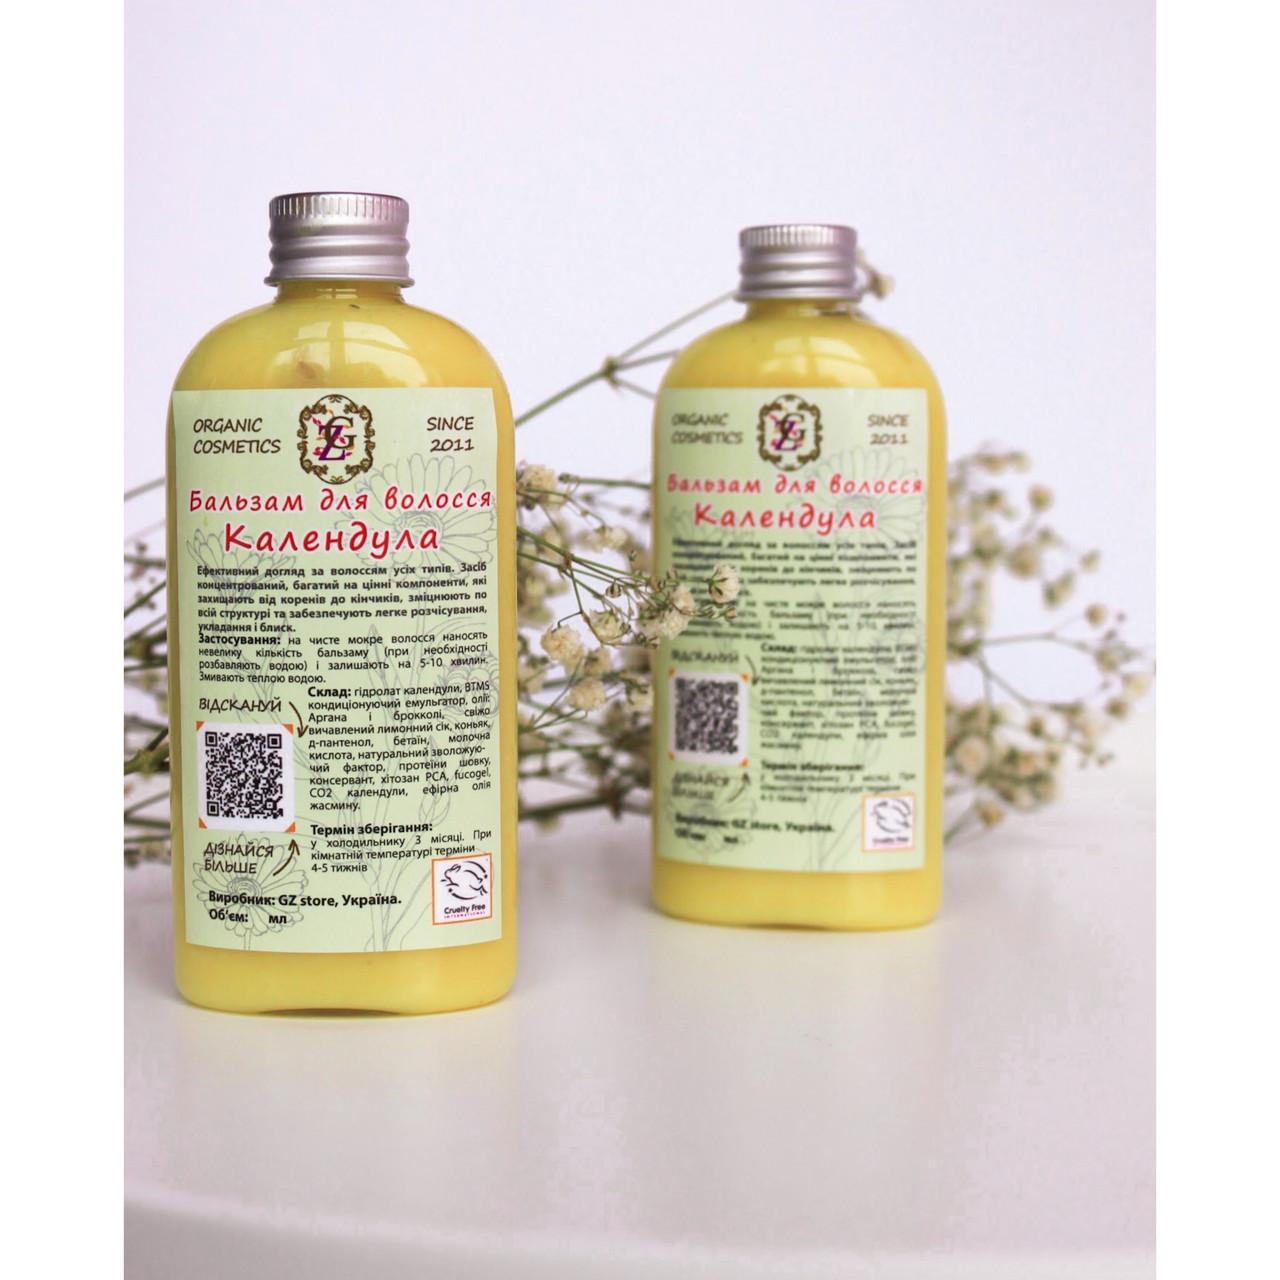 Бальзам Органічний для Відновлення Сухих ламких волосся Календула 200мл